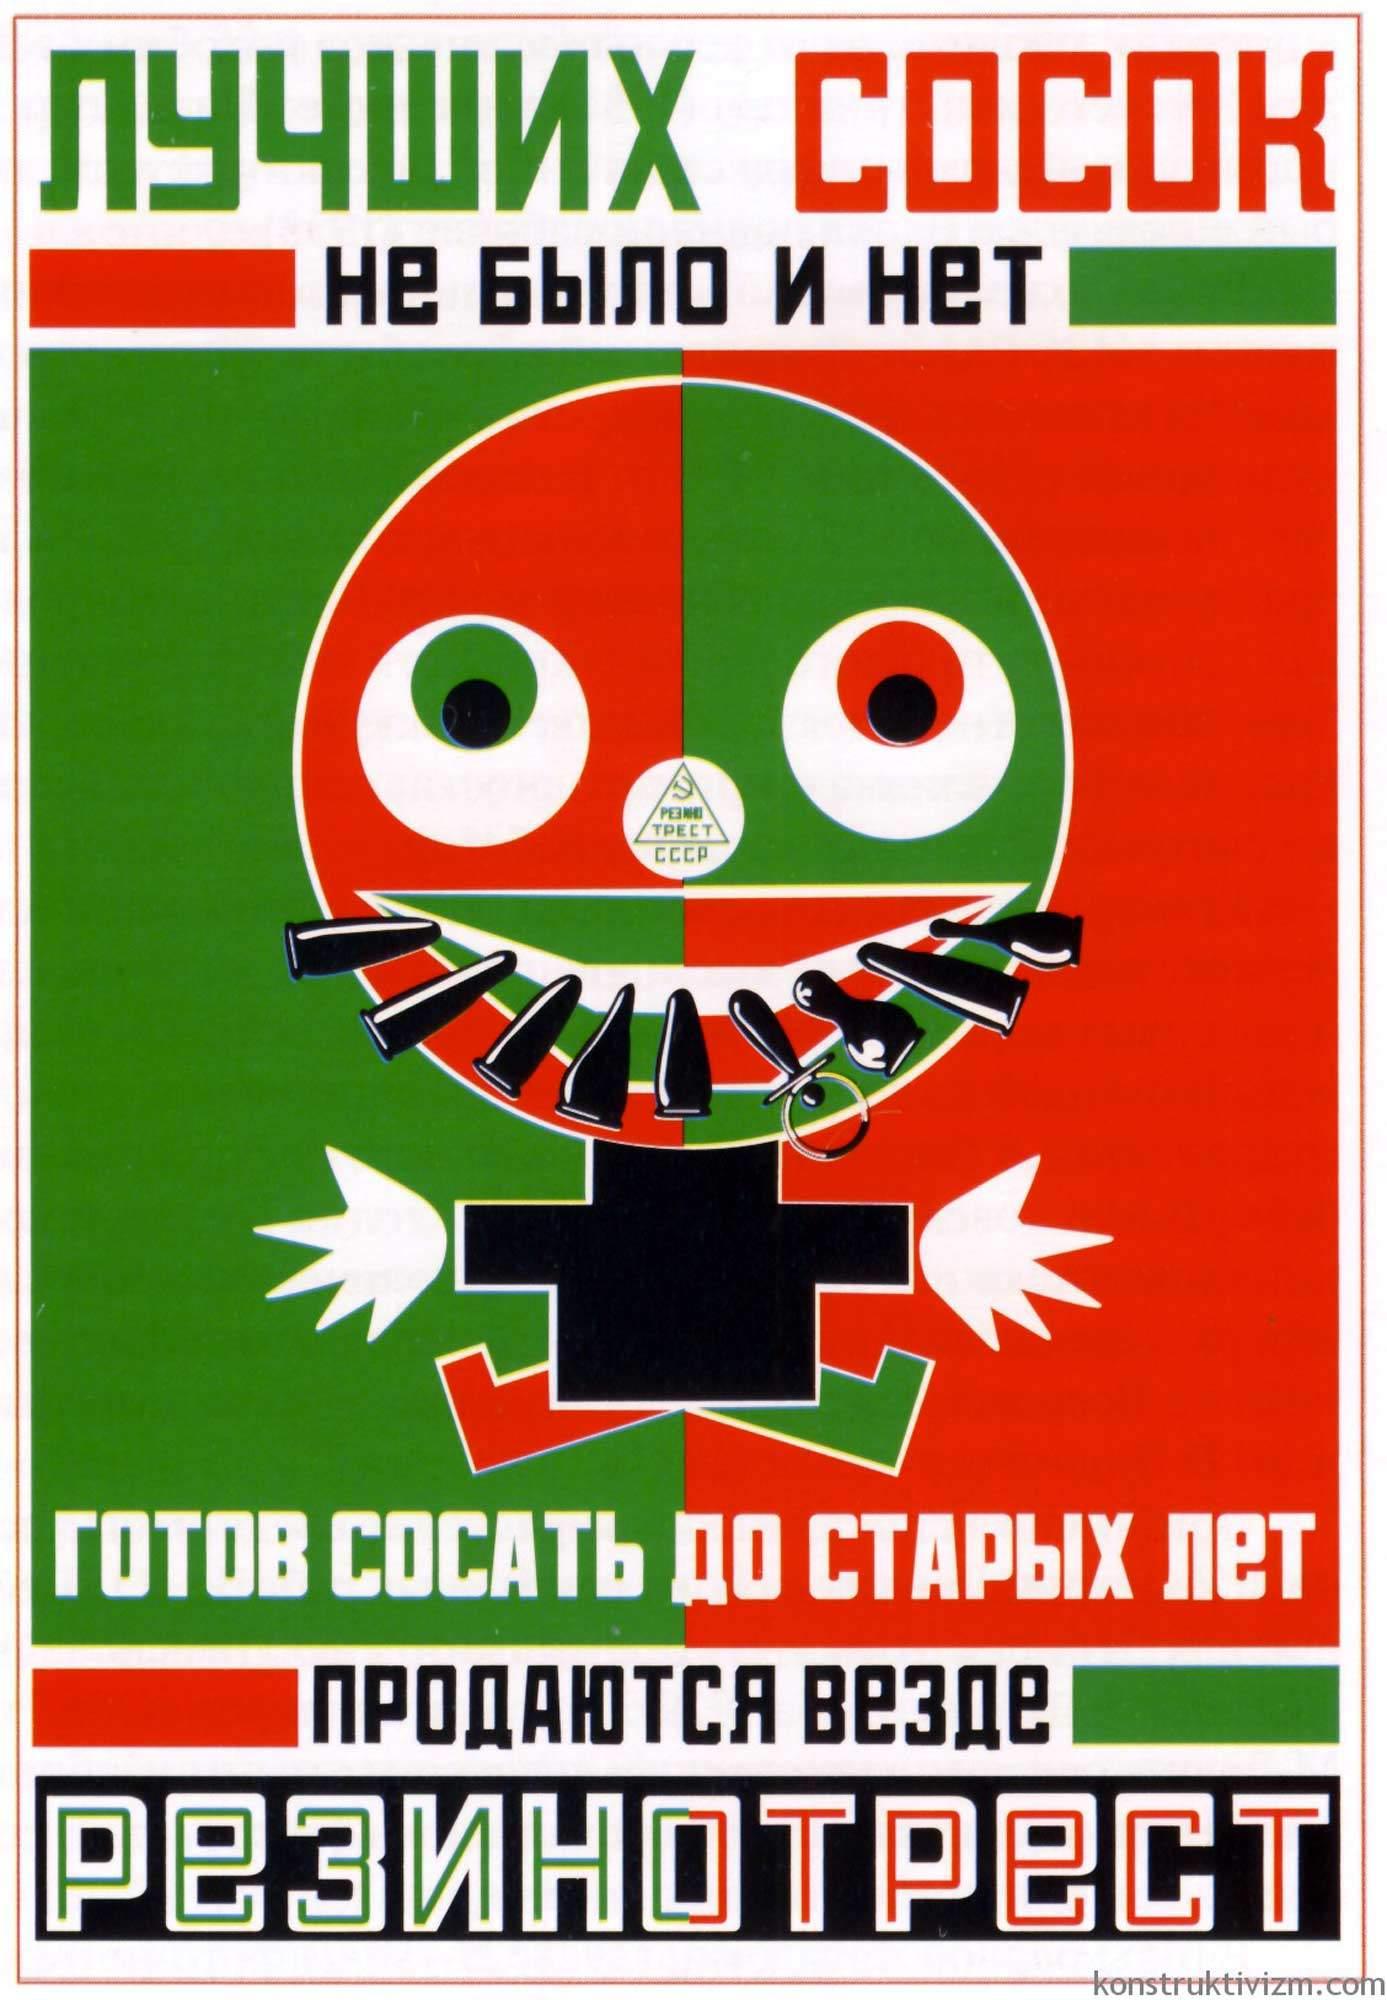 Aleksandr-Rodchenko-Manifesto_005